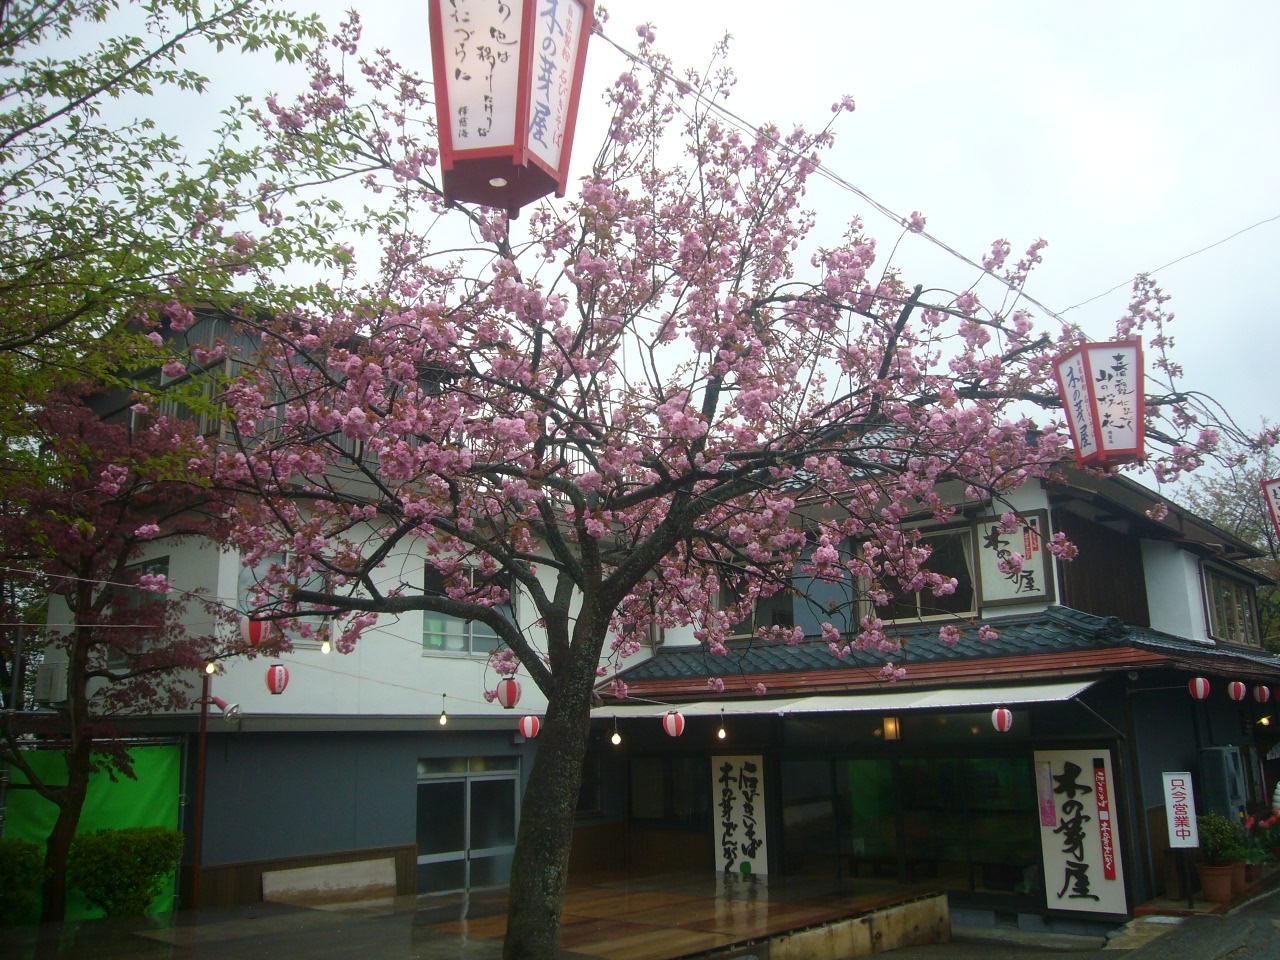 ちがう桜が H27.4.19